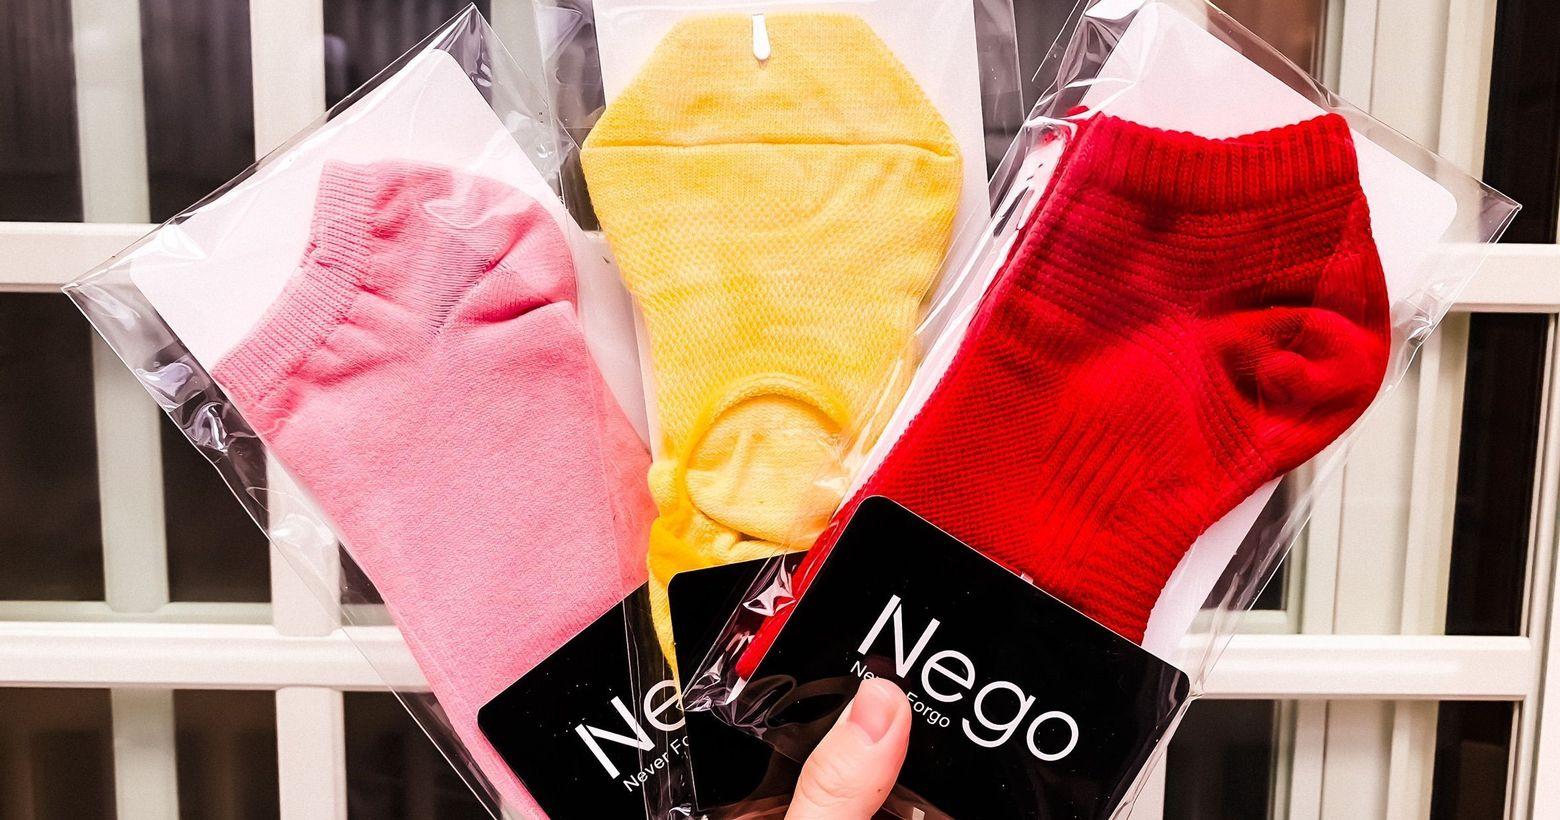 【開箱】要就要用最好的Nego襪子大學過年穿新衣戴新帽,當然也要穿新襪啦!說起來買襪子也是一門學問,